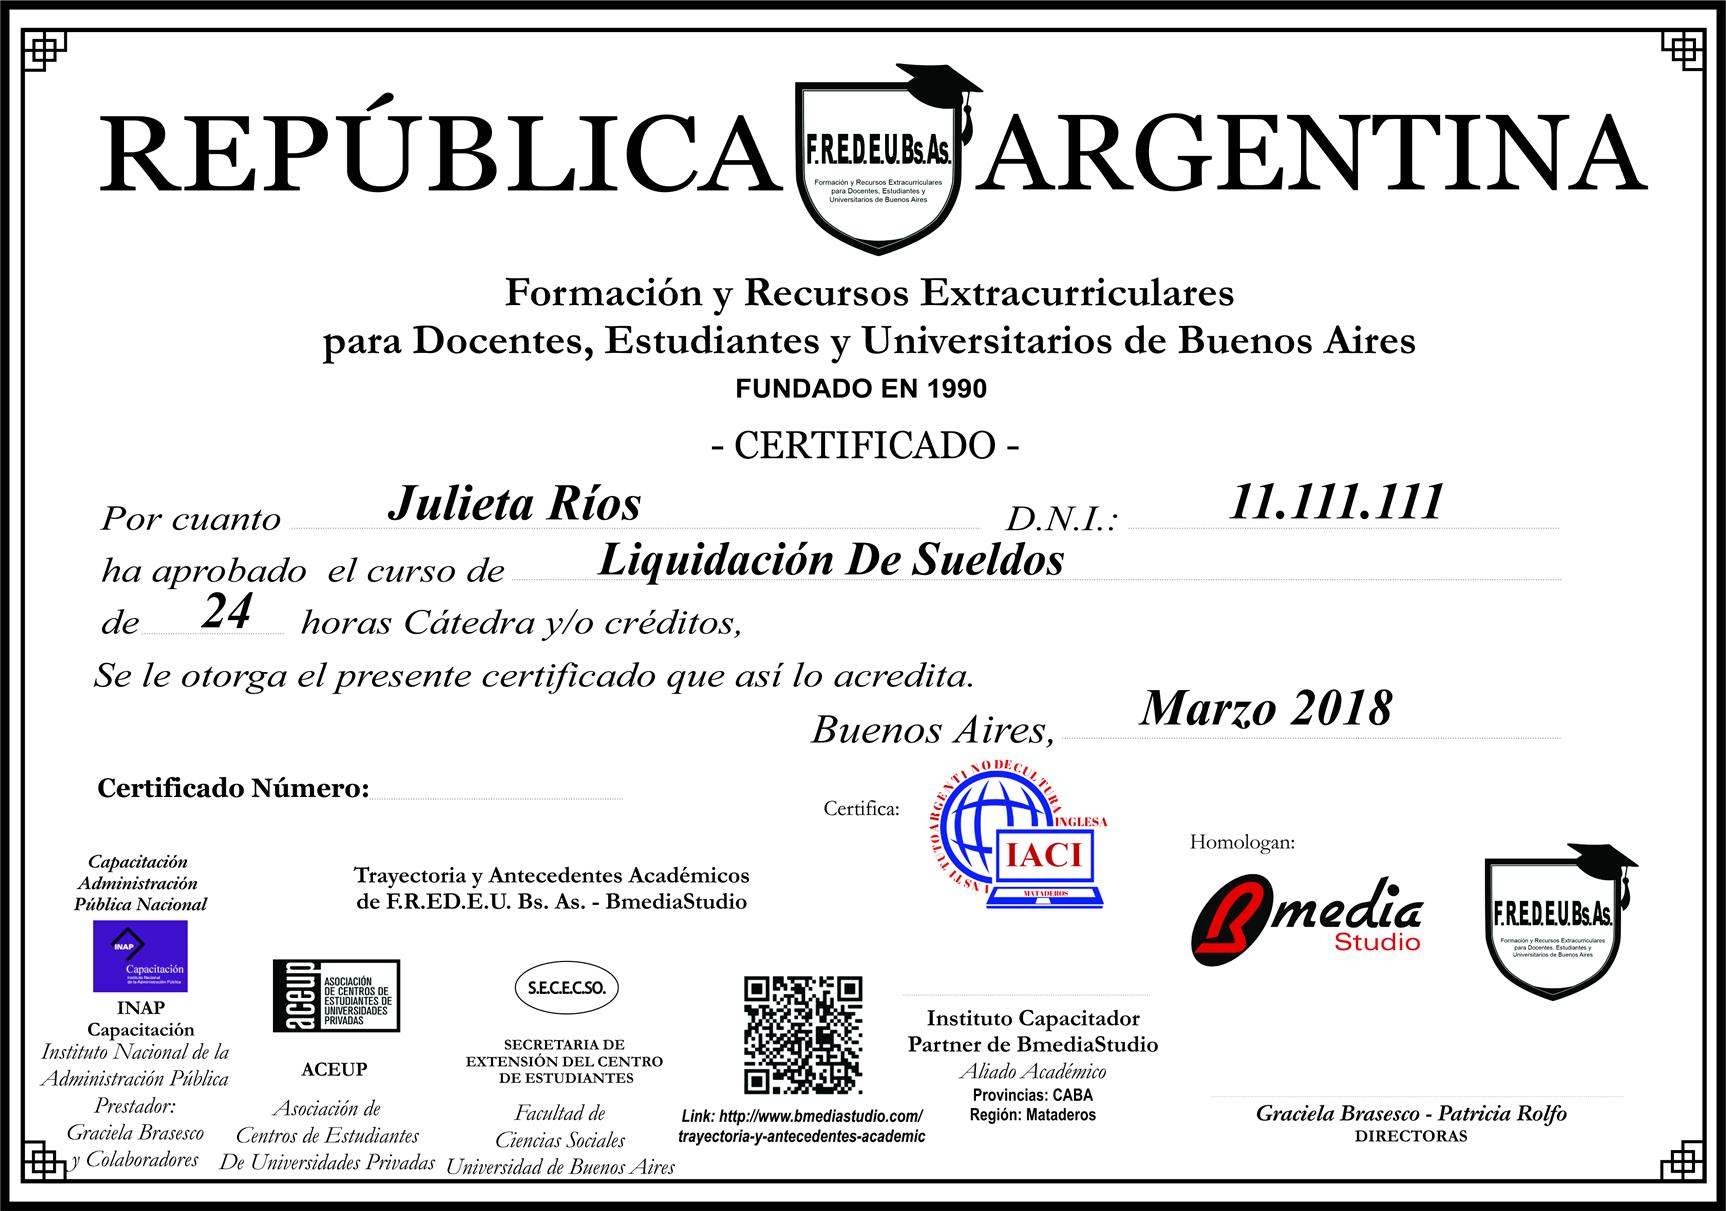 Contemporáneo Descripciones De Trabajo Para El Cajero De Reanudar ...